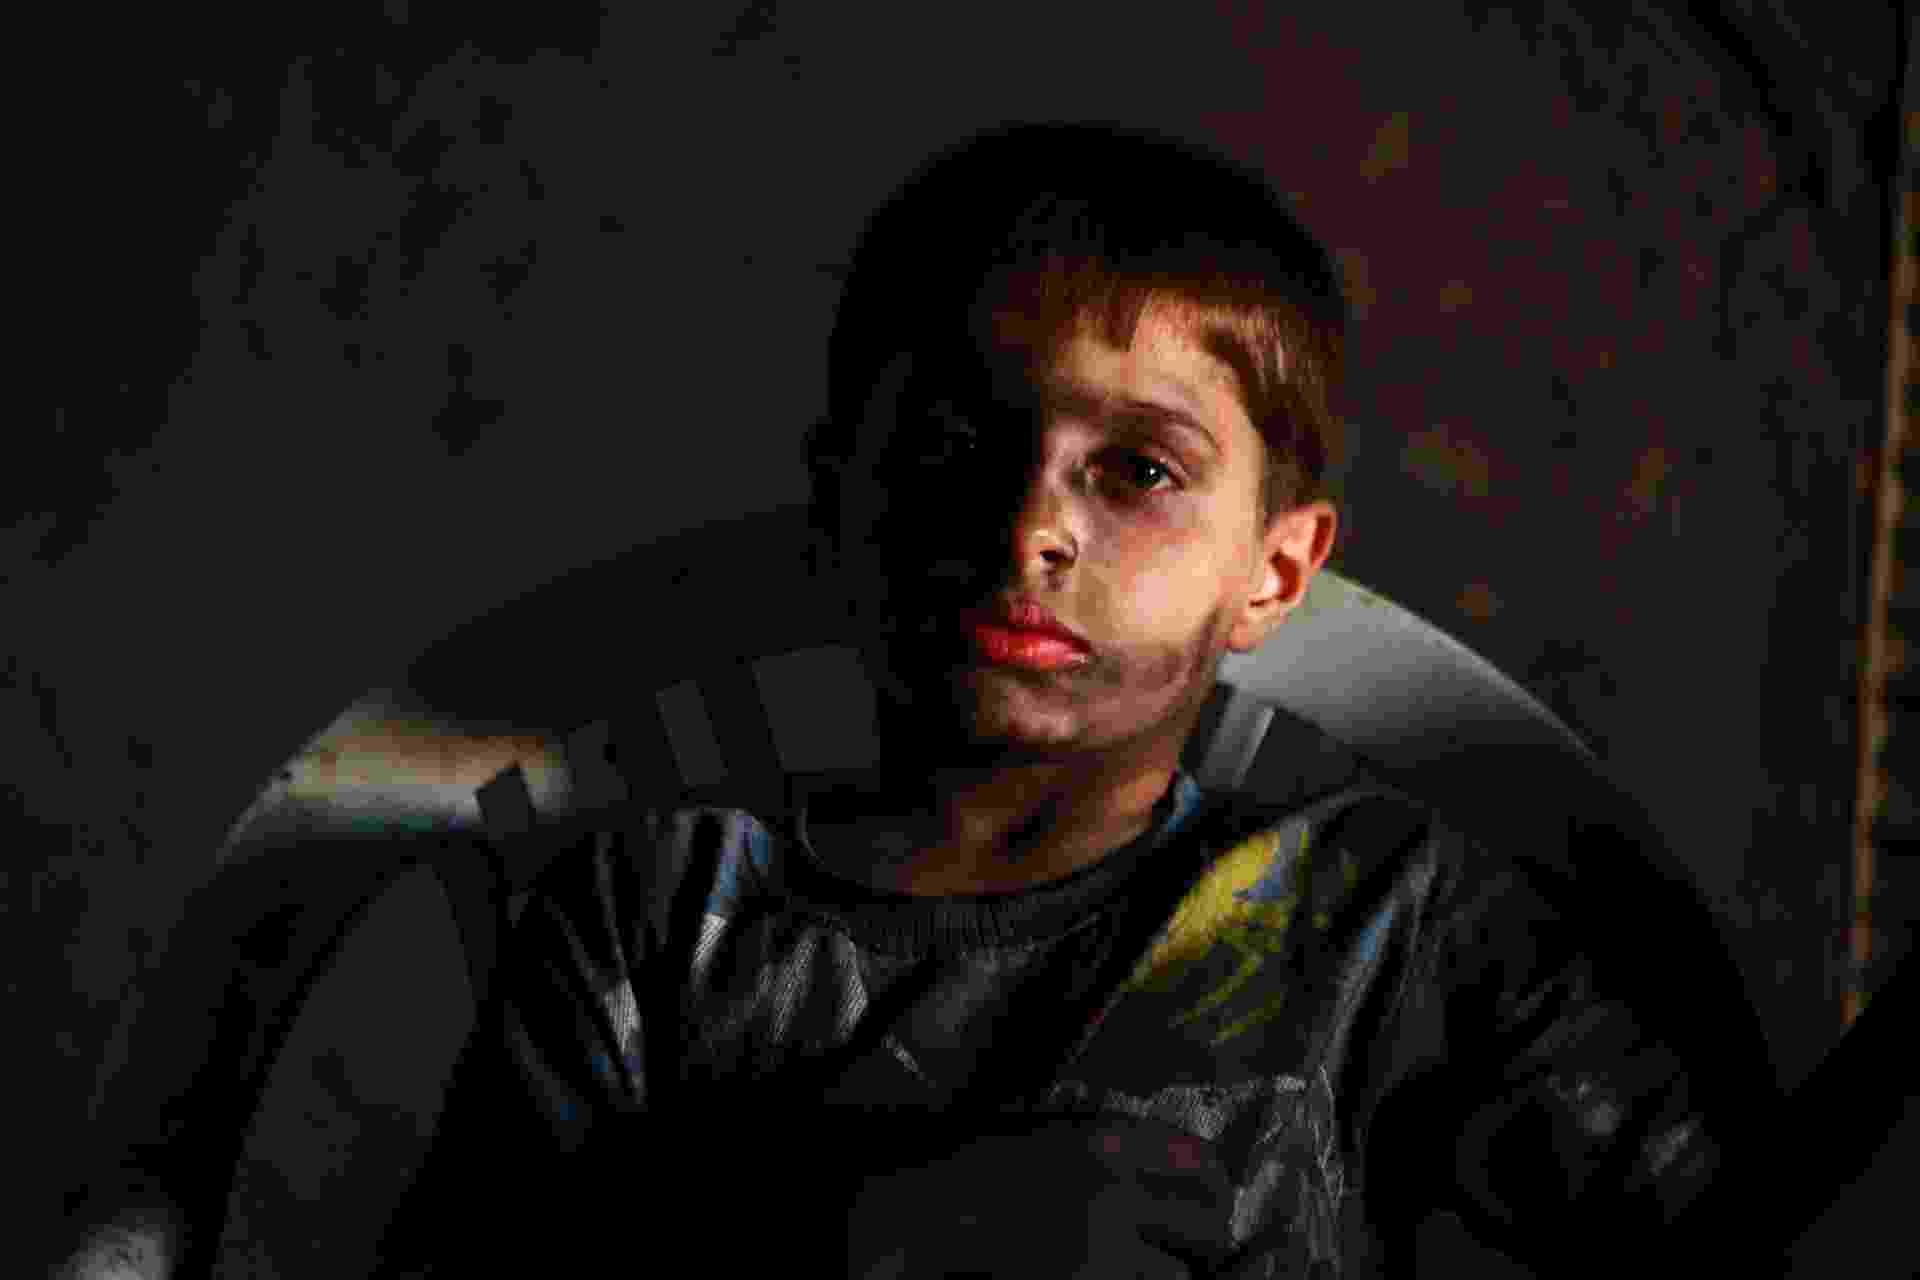 7.set.2013 - Issa, 10, posa para foto na fábrica de armas do Exército Livre da Síria, onde trabalha, em Aleppo, reduto da revolta contra o presidente sírio Bashar Assad. Ele trabalha com o pai na fábrica por dez horas todos os dias, exceto às sextas-feiras - Hamid Khatib/Reuters